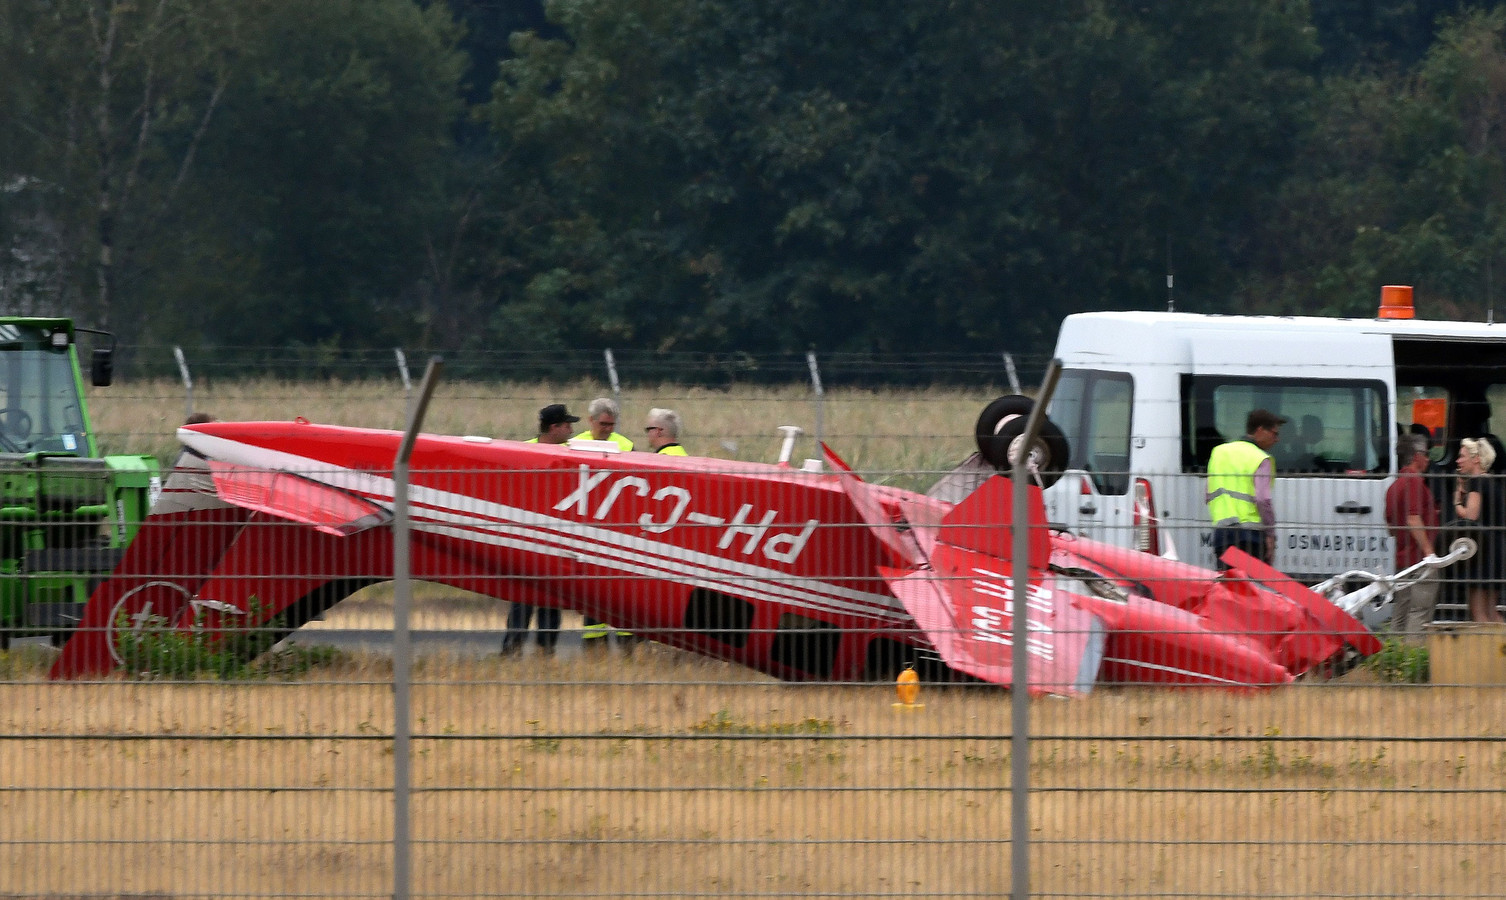 Twee personen kwamen donderdag om het leven bij een vliegtuigcrash in Münster. Een van hen was vastgoedman Bert Verwelius.